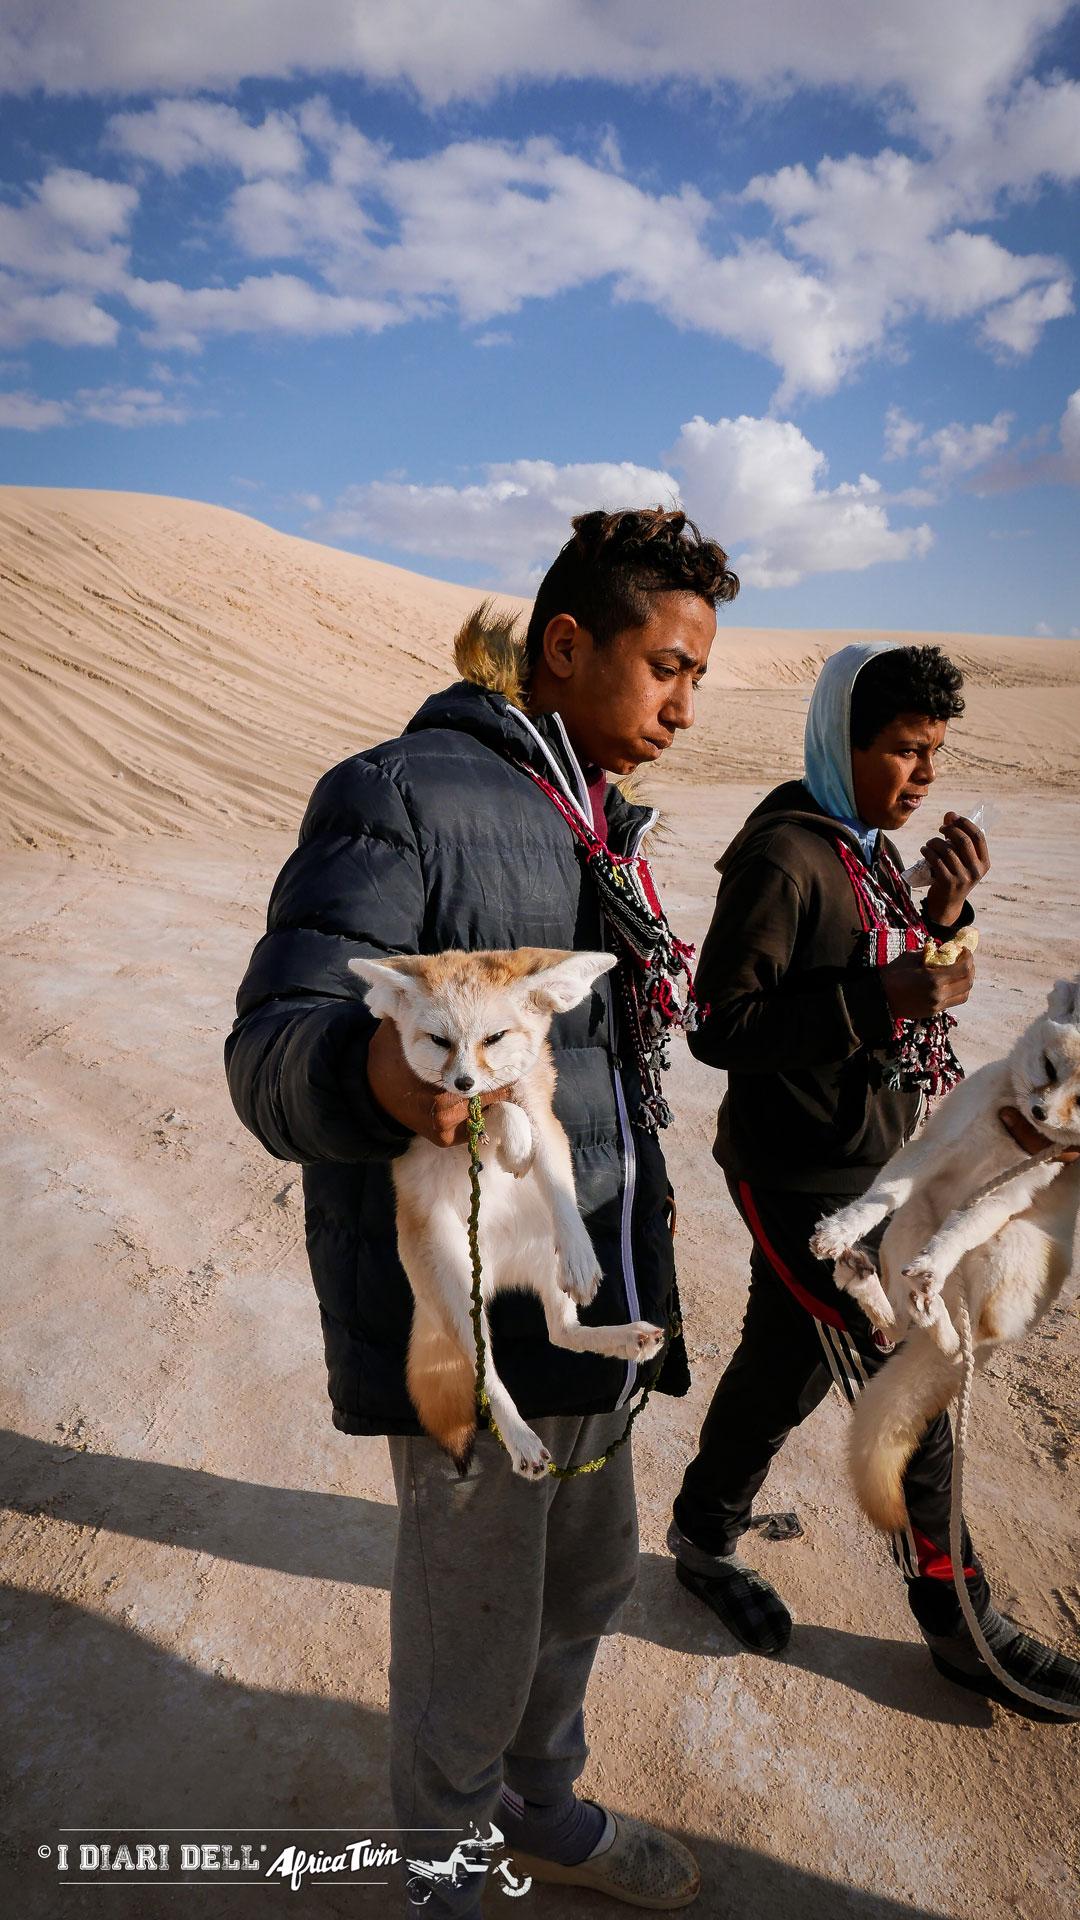 bambino con volpe del deserto